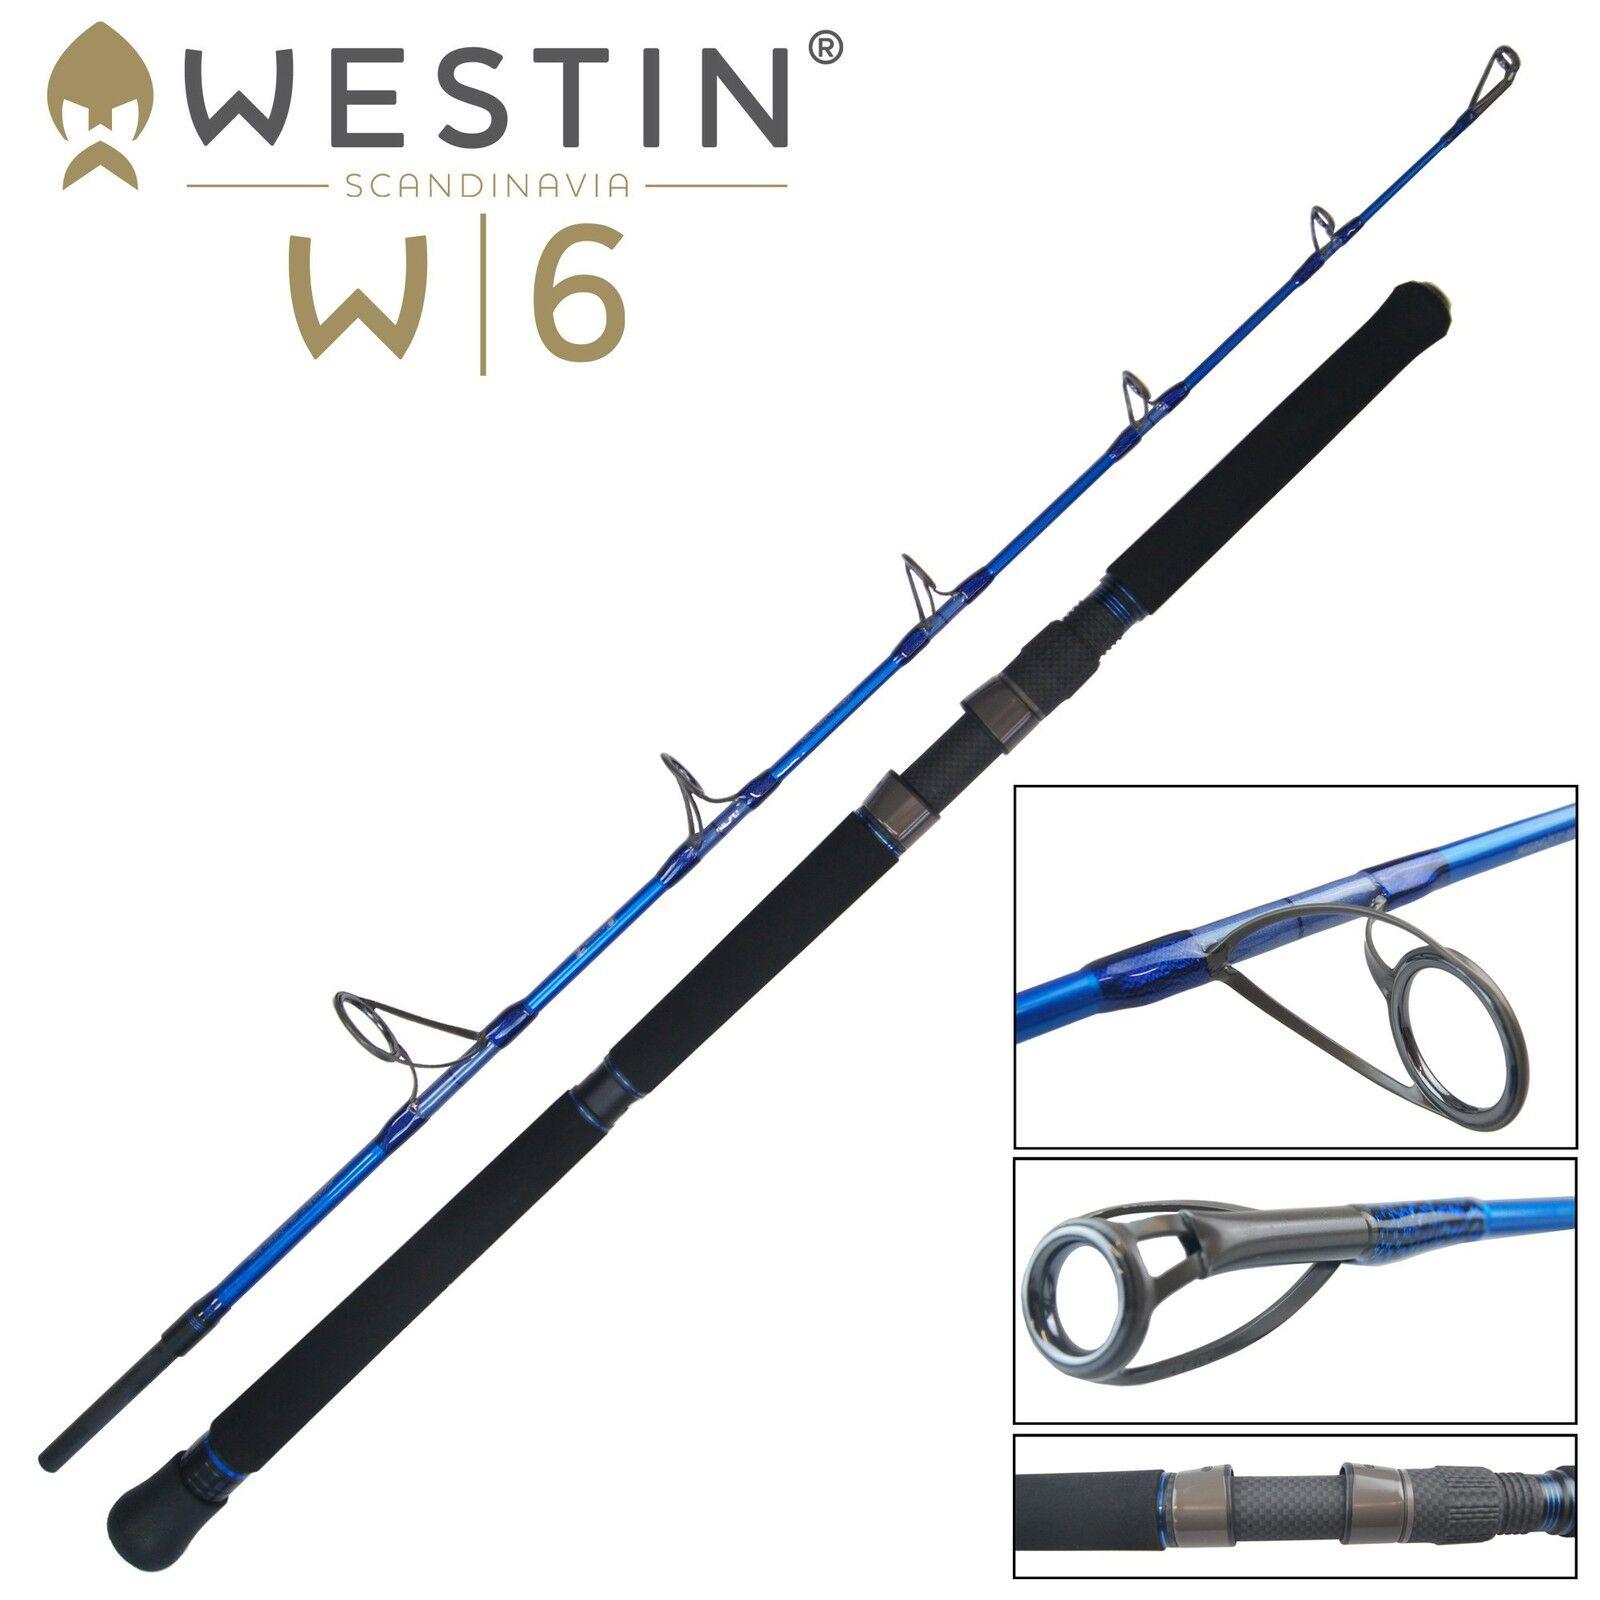 Westin zum W6 Jigging M 155cm 250-400g - Meeresrute zum Westin Spinnfischen, Angelrute 0c9535